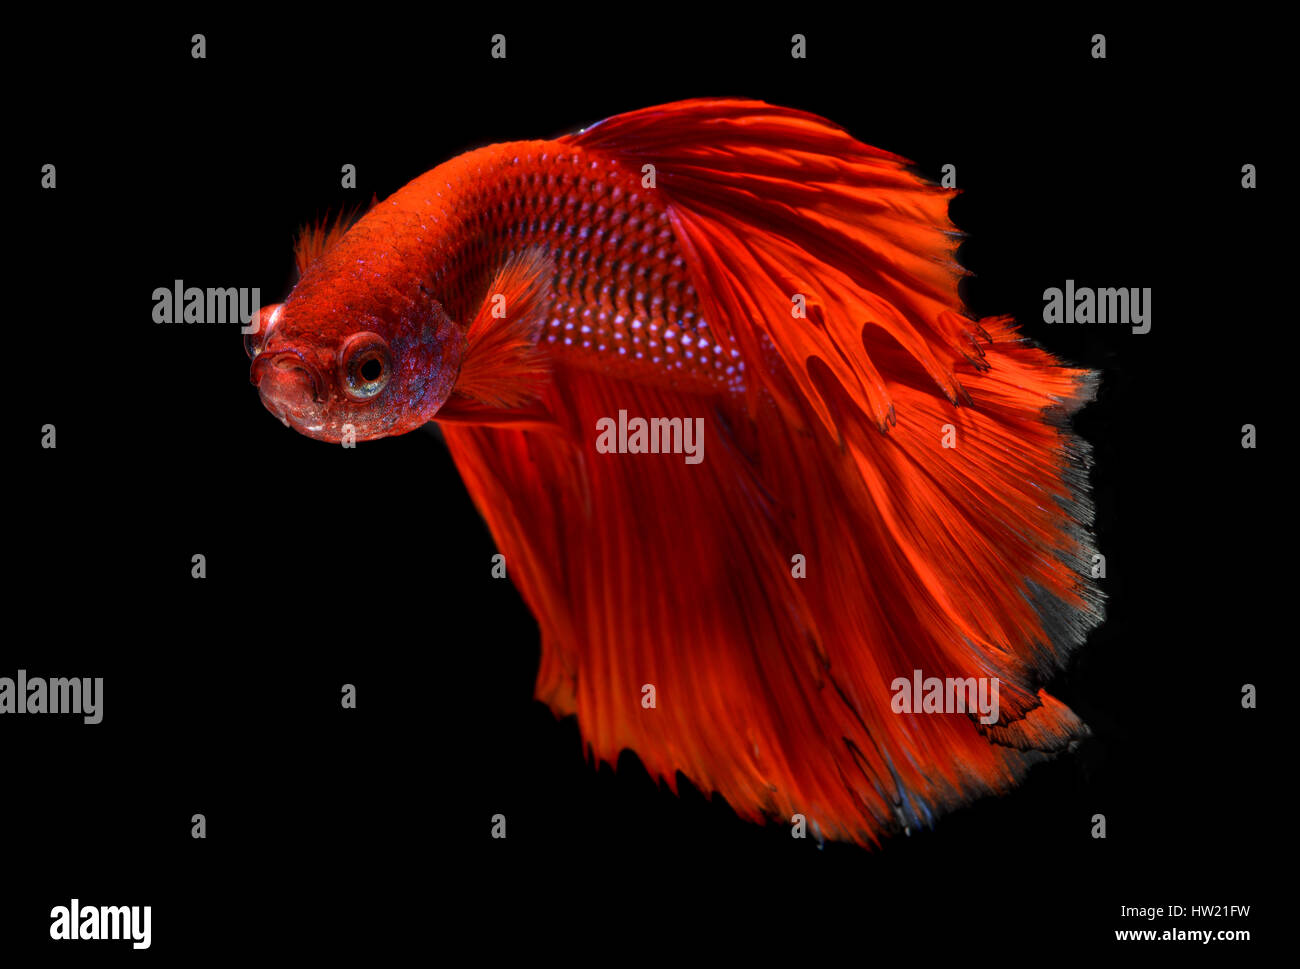 Azione di Red haft luna lunga coda Betta pesce o Siamese fighting fish foto in flash studio illuminazione. Immagini Stock